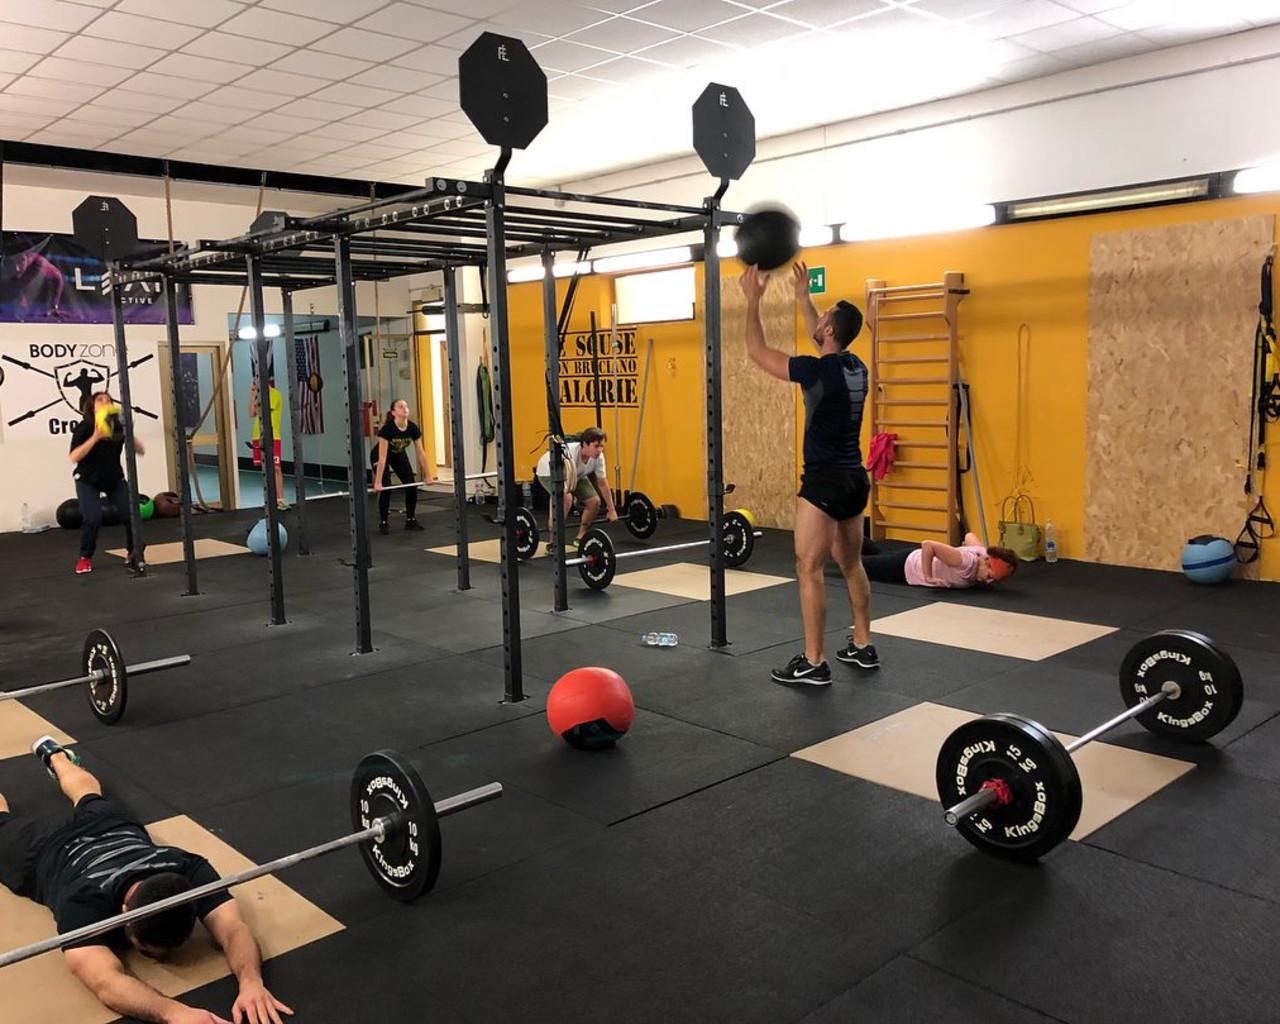 Body Zone CrossFit